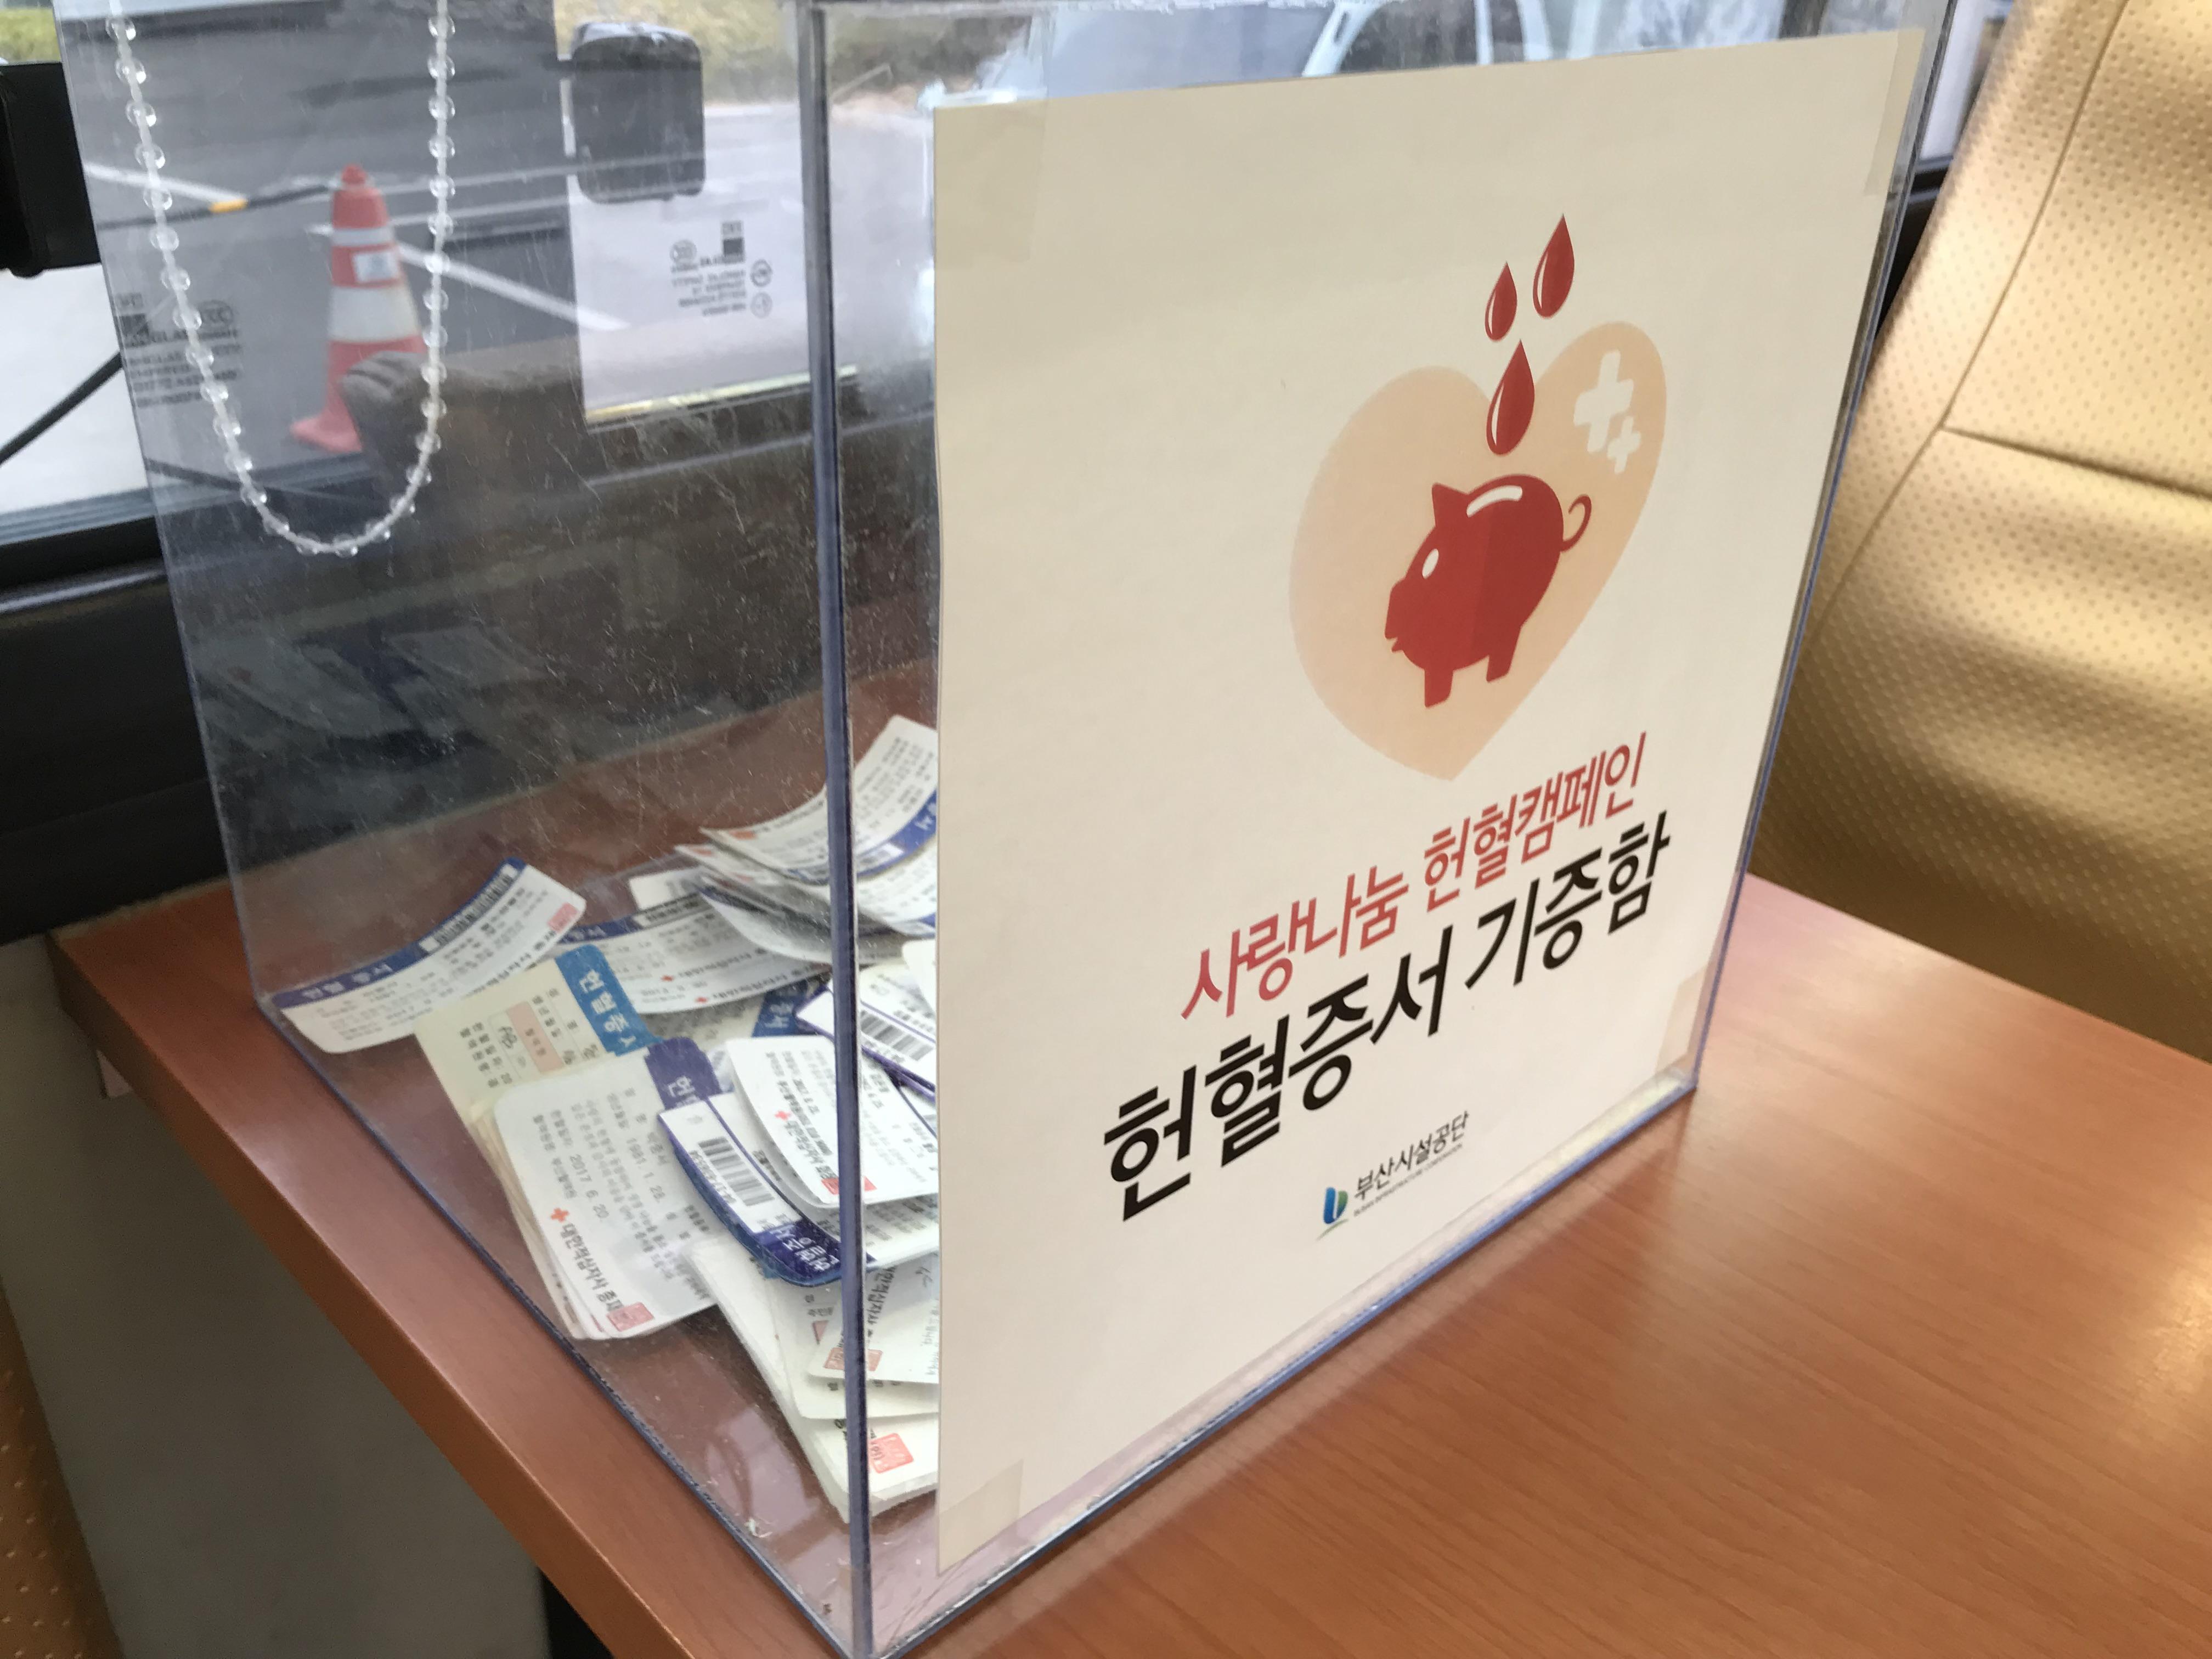 2017 사랑의 헌혈캠페인 전개(부산시민공원 야외주차장) 이미지1번째